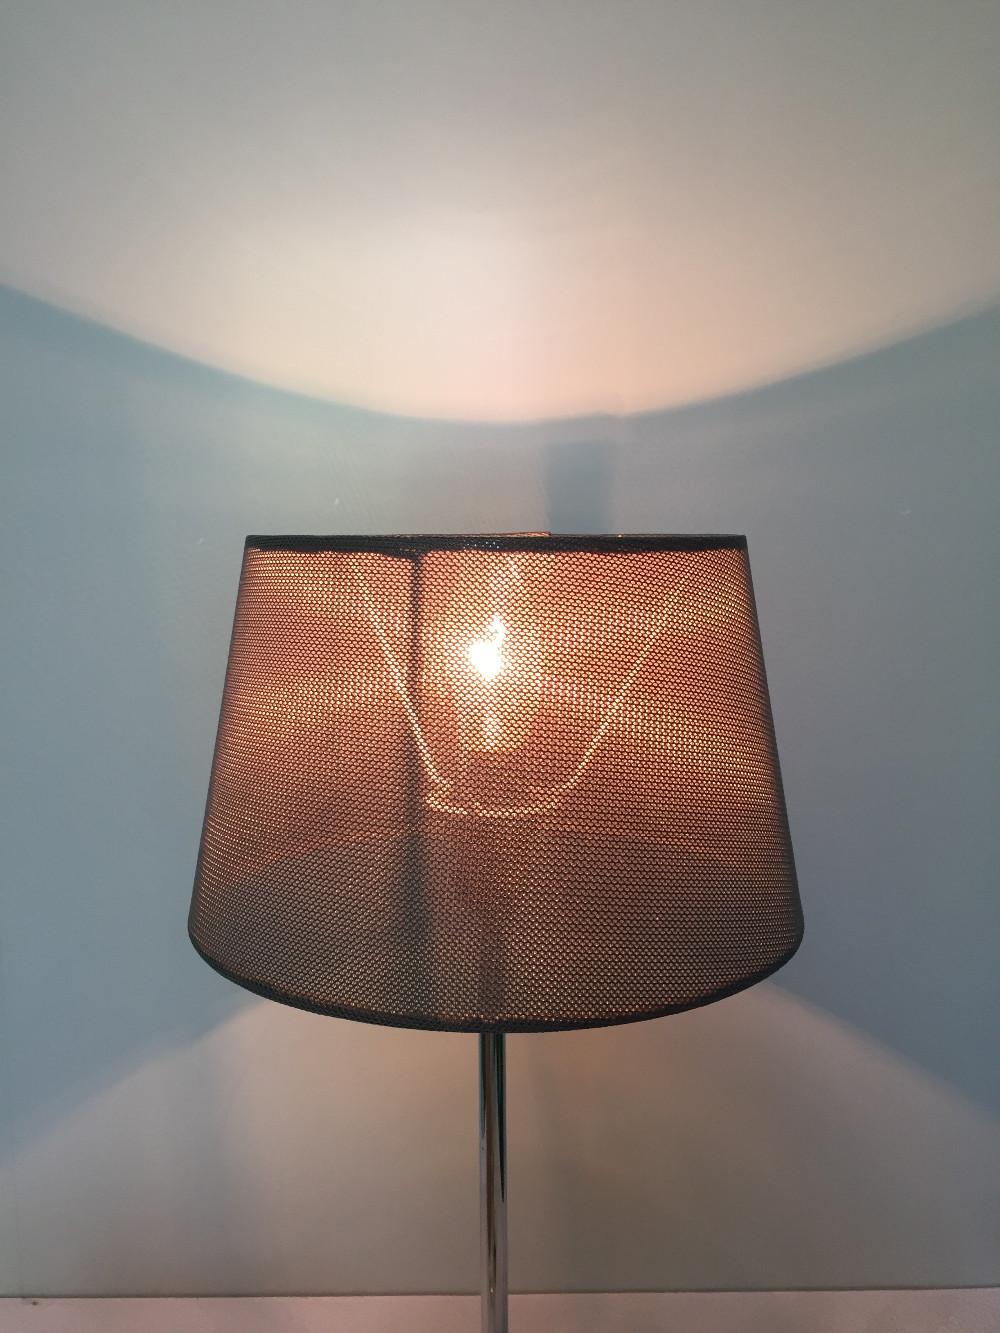 En Gros Pas Cher Tissu Abat Jour De Table En Plastique Cone Abat Jour Pour Film Plafonnier Lampe De Table Abat Jour Buy Abat Jour En Plastique Cone